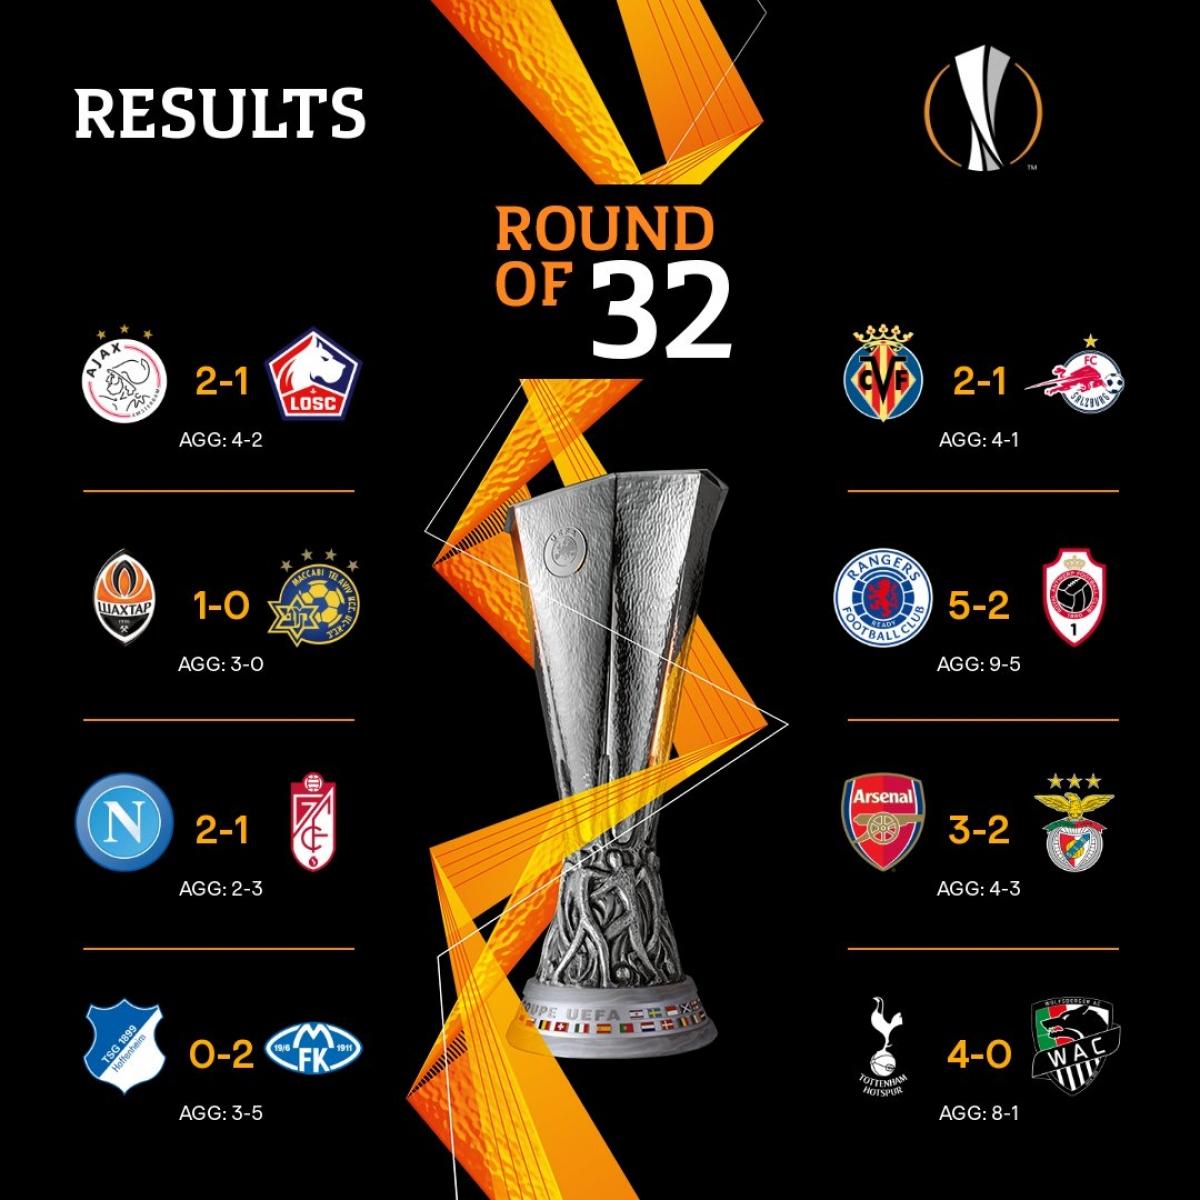 Kết quả loạt trận lượt về vòng 32 đội Europa League diễn ra lúc 00h55 ngày 26/2 theo giờ Việt Nam. (Ảnh: UEFA)